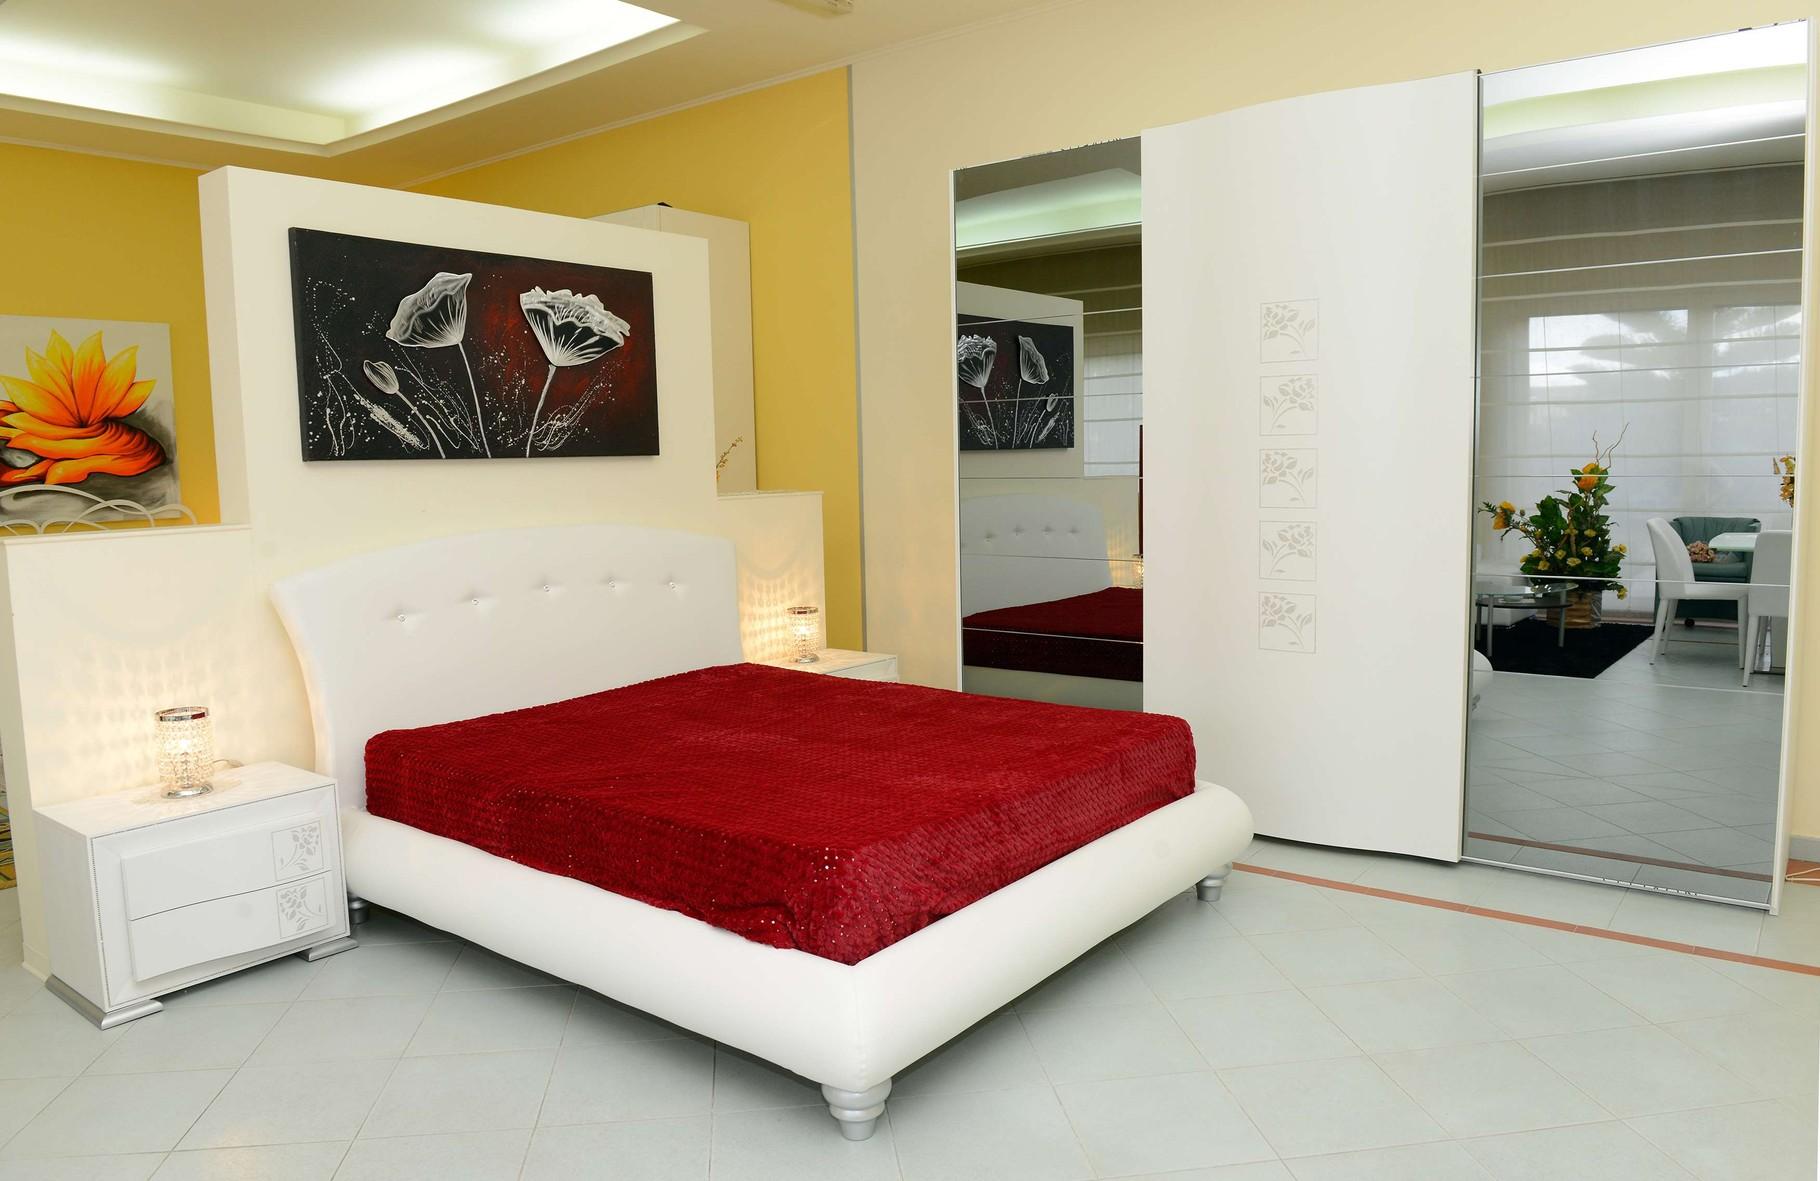 Camera da letto Spar - Mobili Casillo Castellammare di Stabia e ...